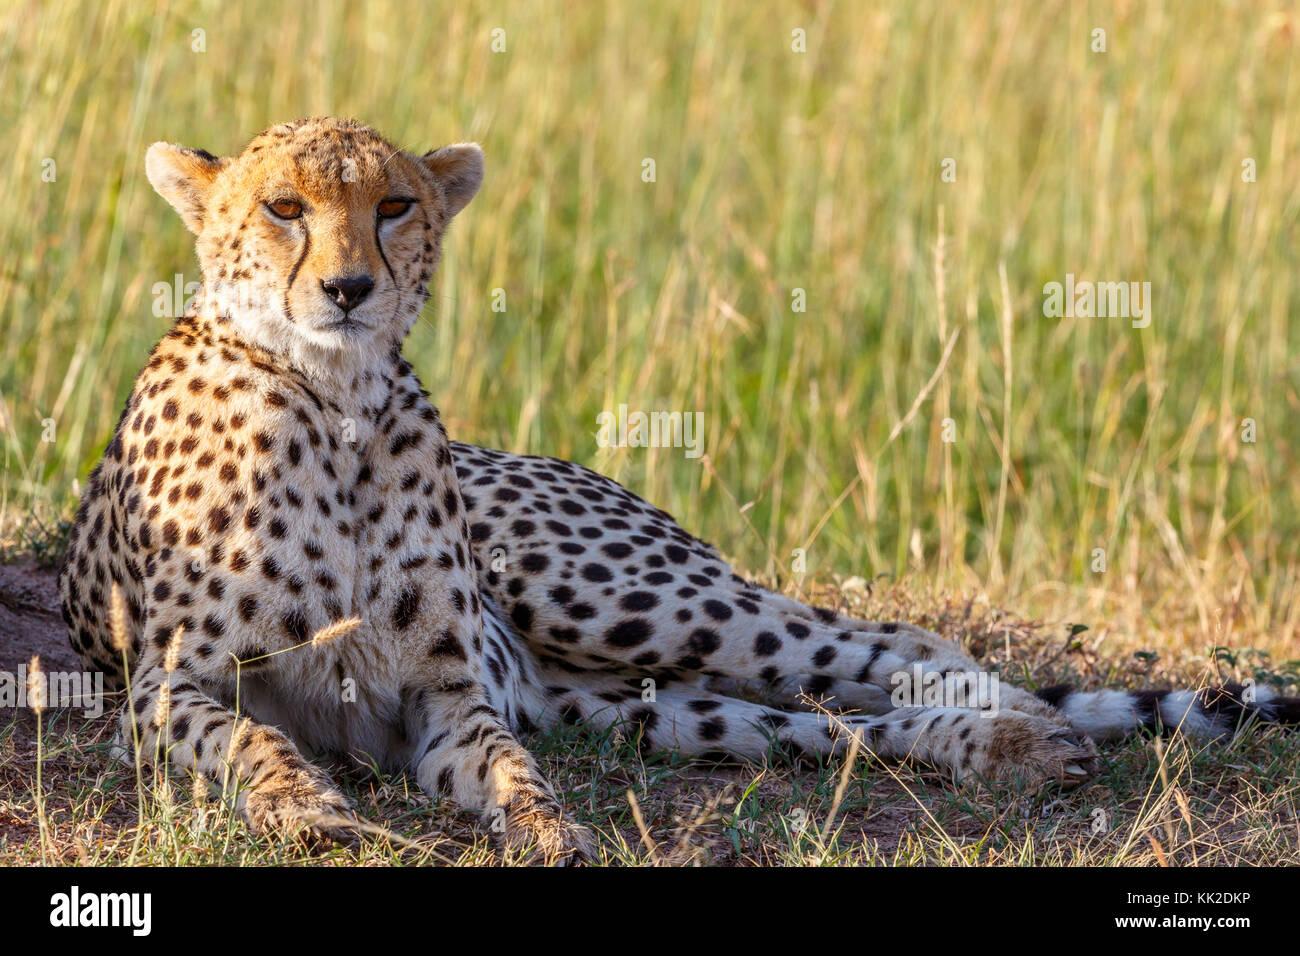 Le guépard allongé dans l'herbe et regardant la caméra Photo Stock